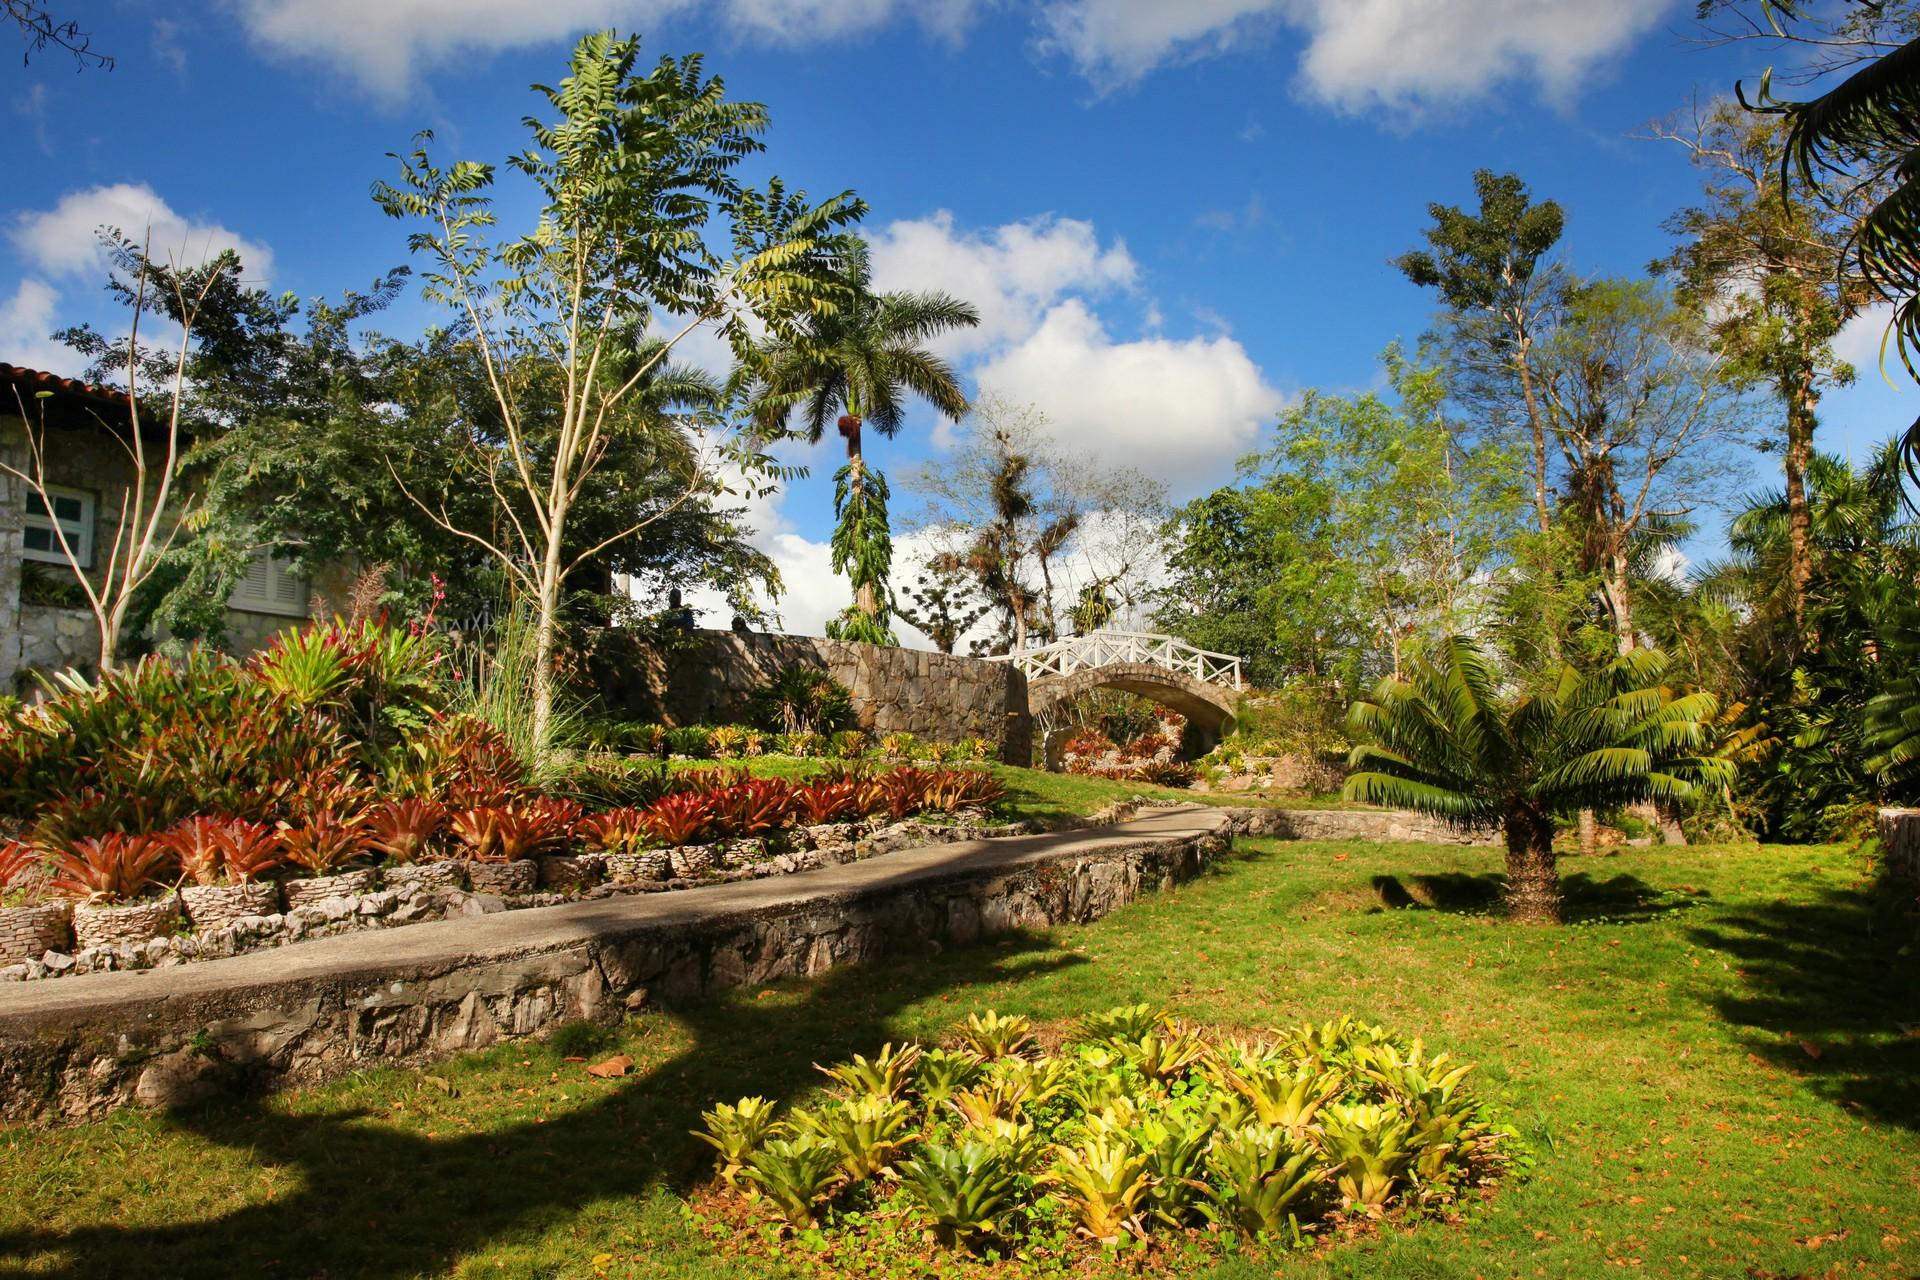 The Soroa Orchid Botanical Garden in Cuba